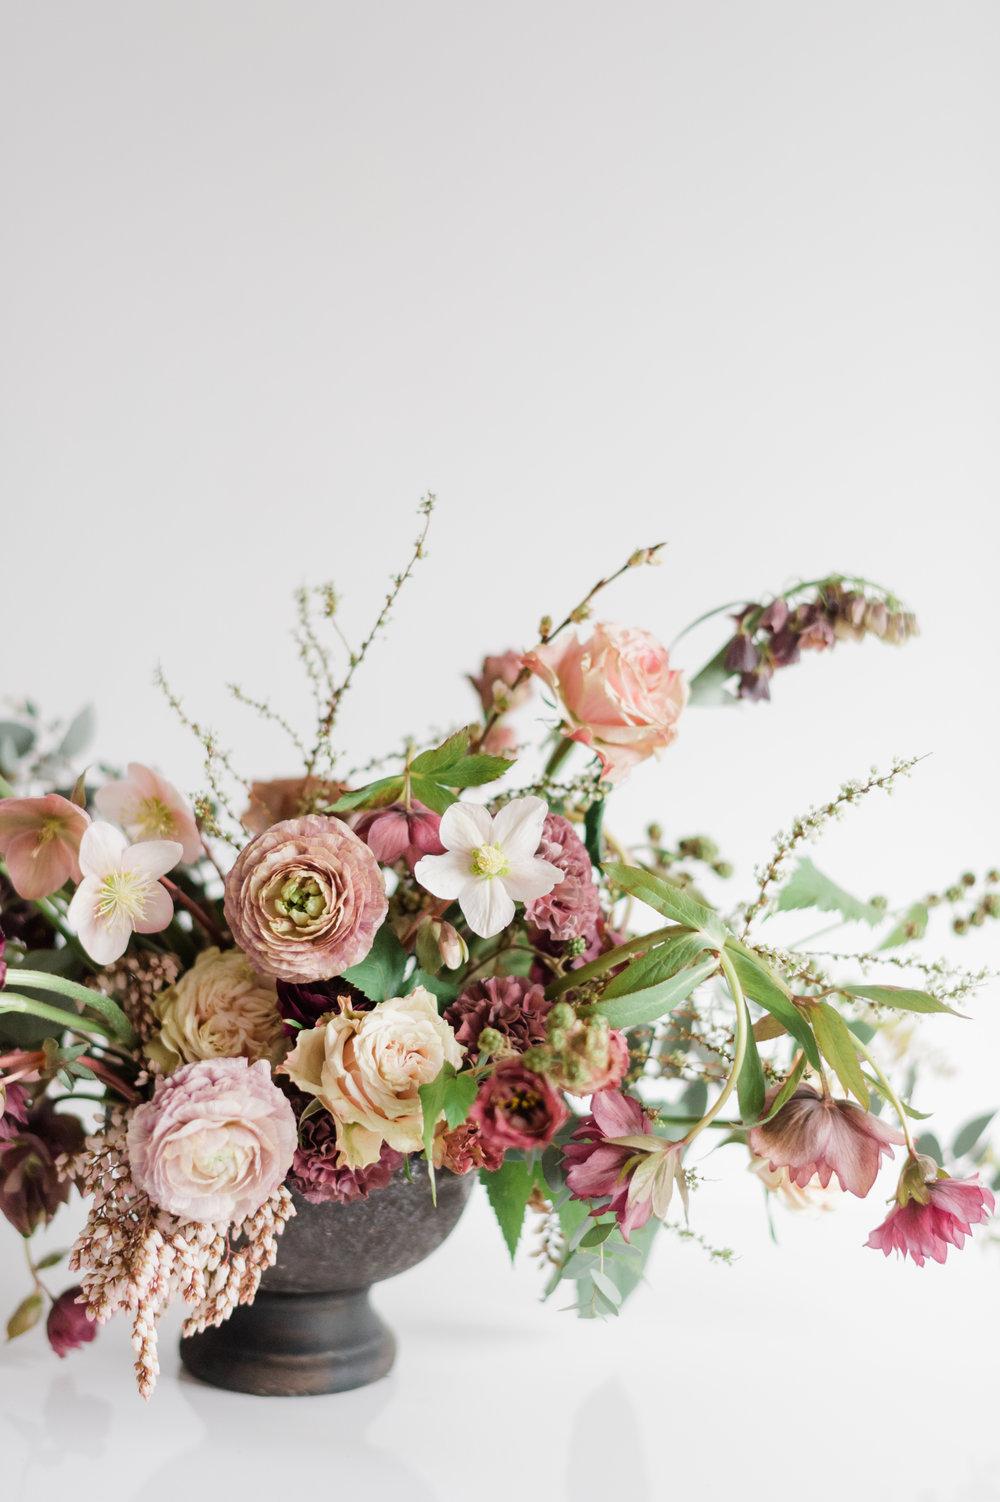 Kristen Honeycutt Photo Co.-359.jpg